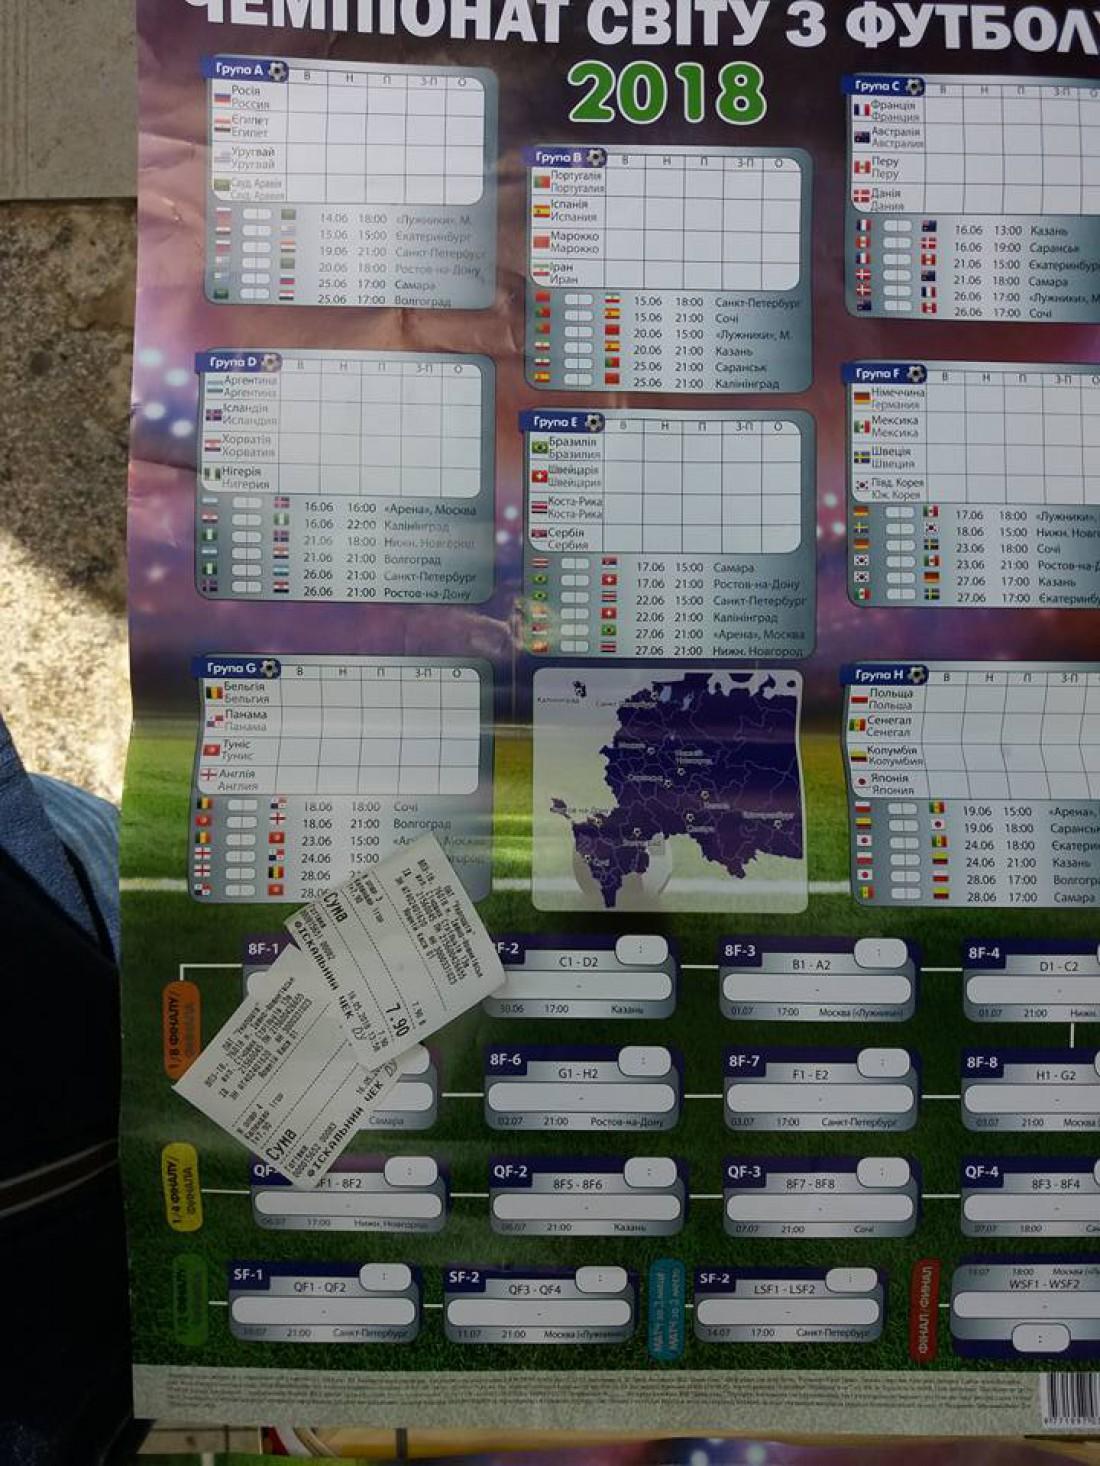 СБУ зафиксировали факт осуществления информационной диверсии против Украины